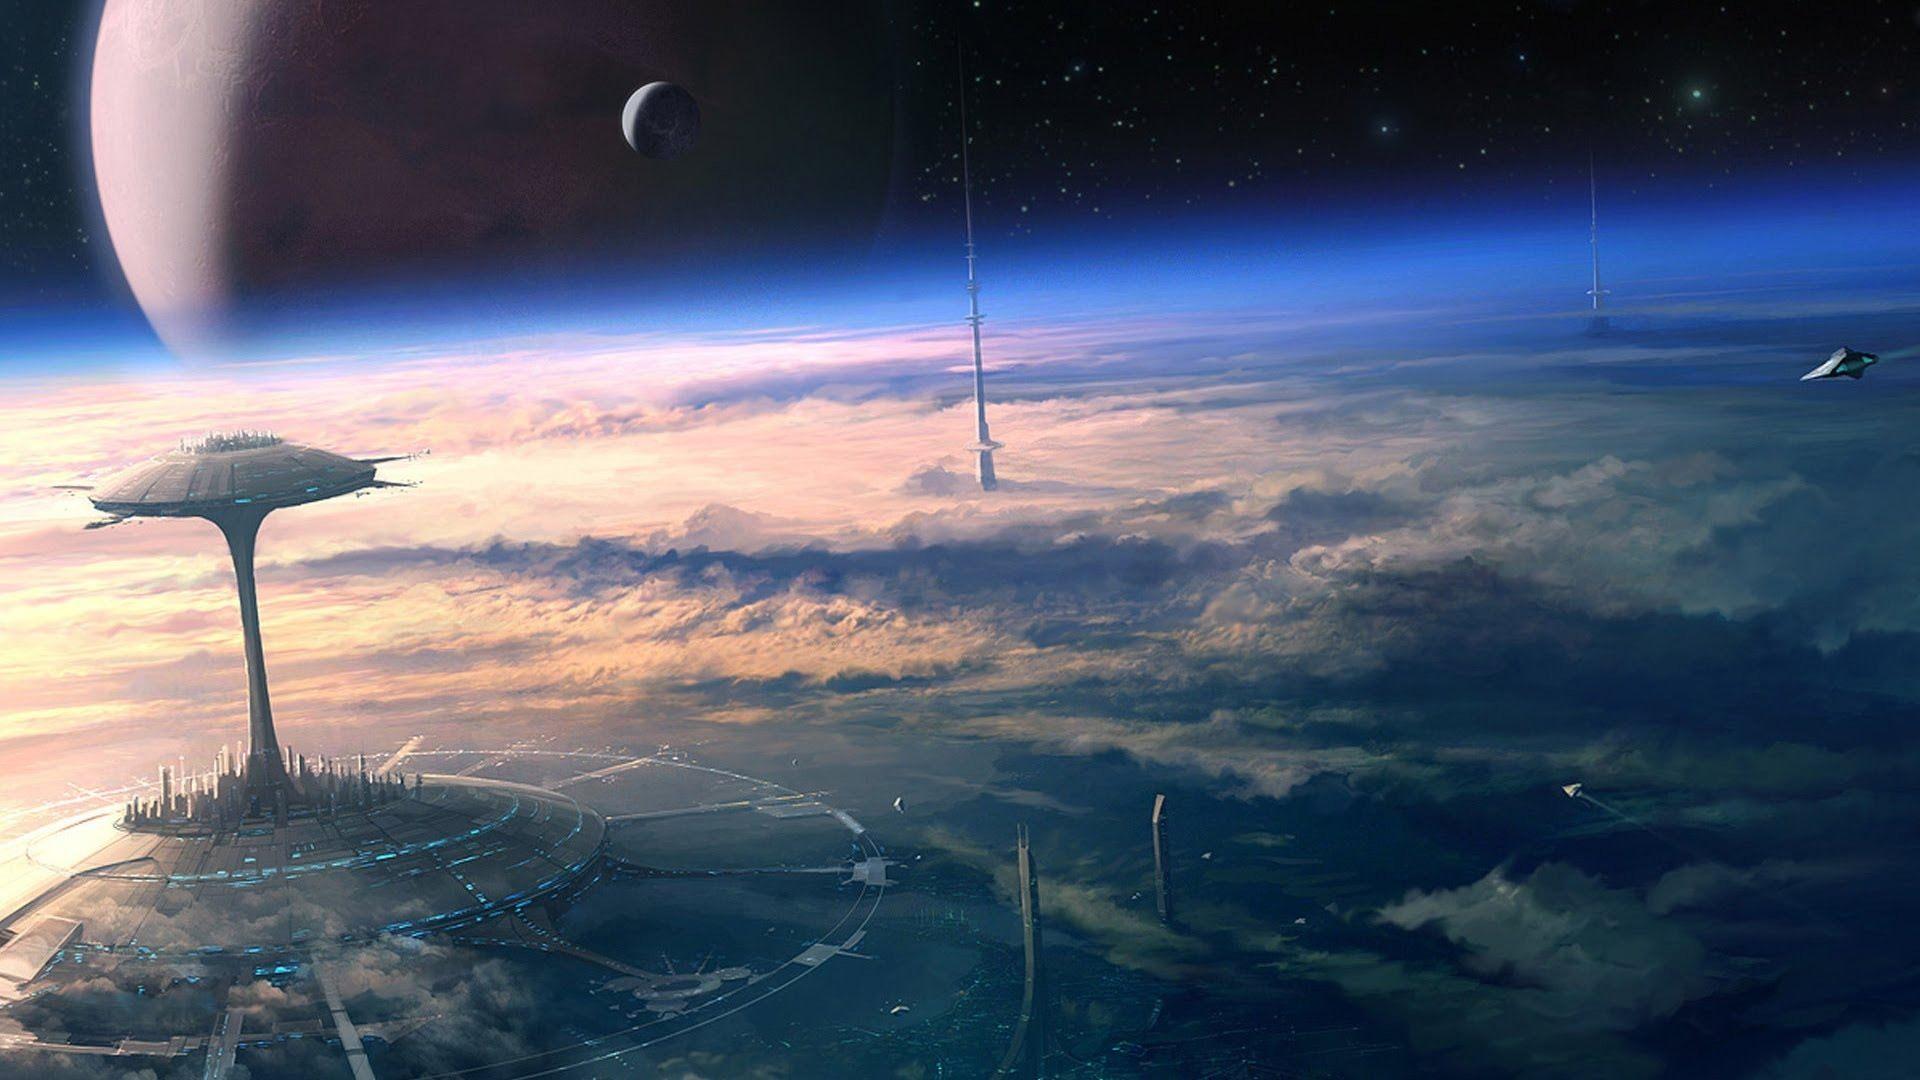 Algunos sistemas estelares pueden albergar civilizaciones tecnológicamente avanzadas, afirman investigadores